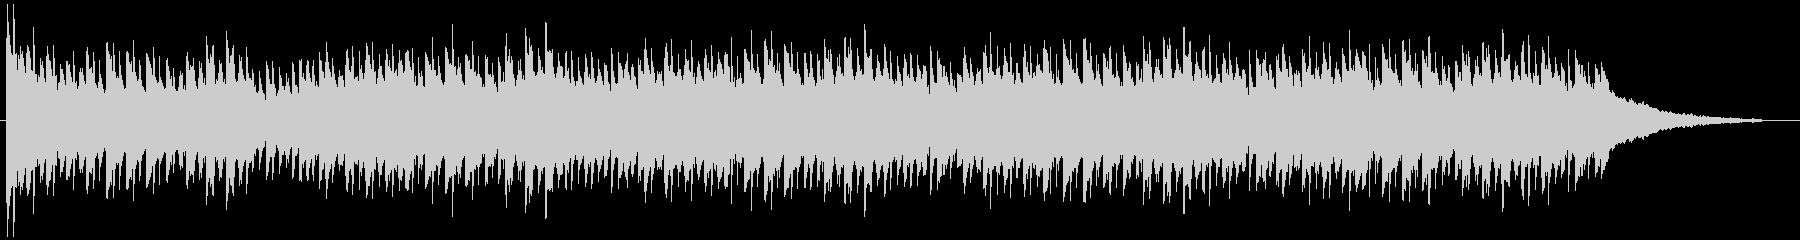 季節の変わり目をイメージしたピアノ曲の未再生の波形